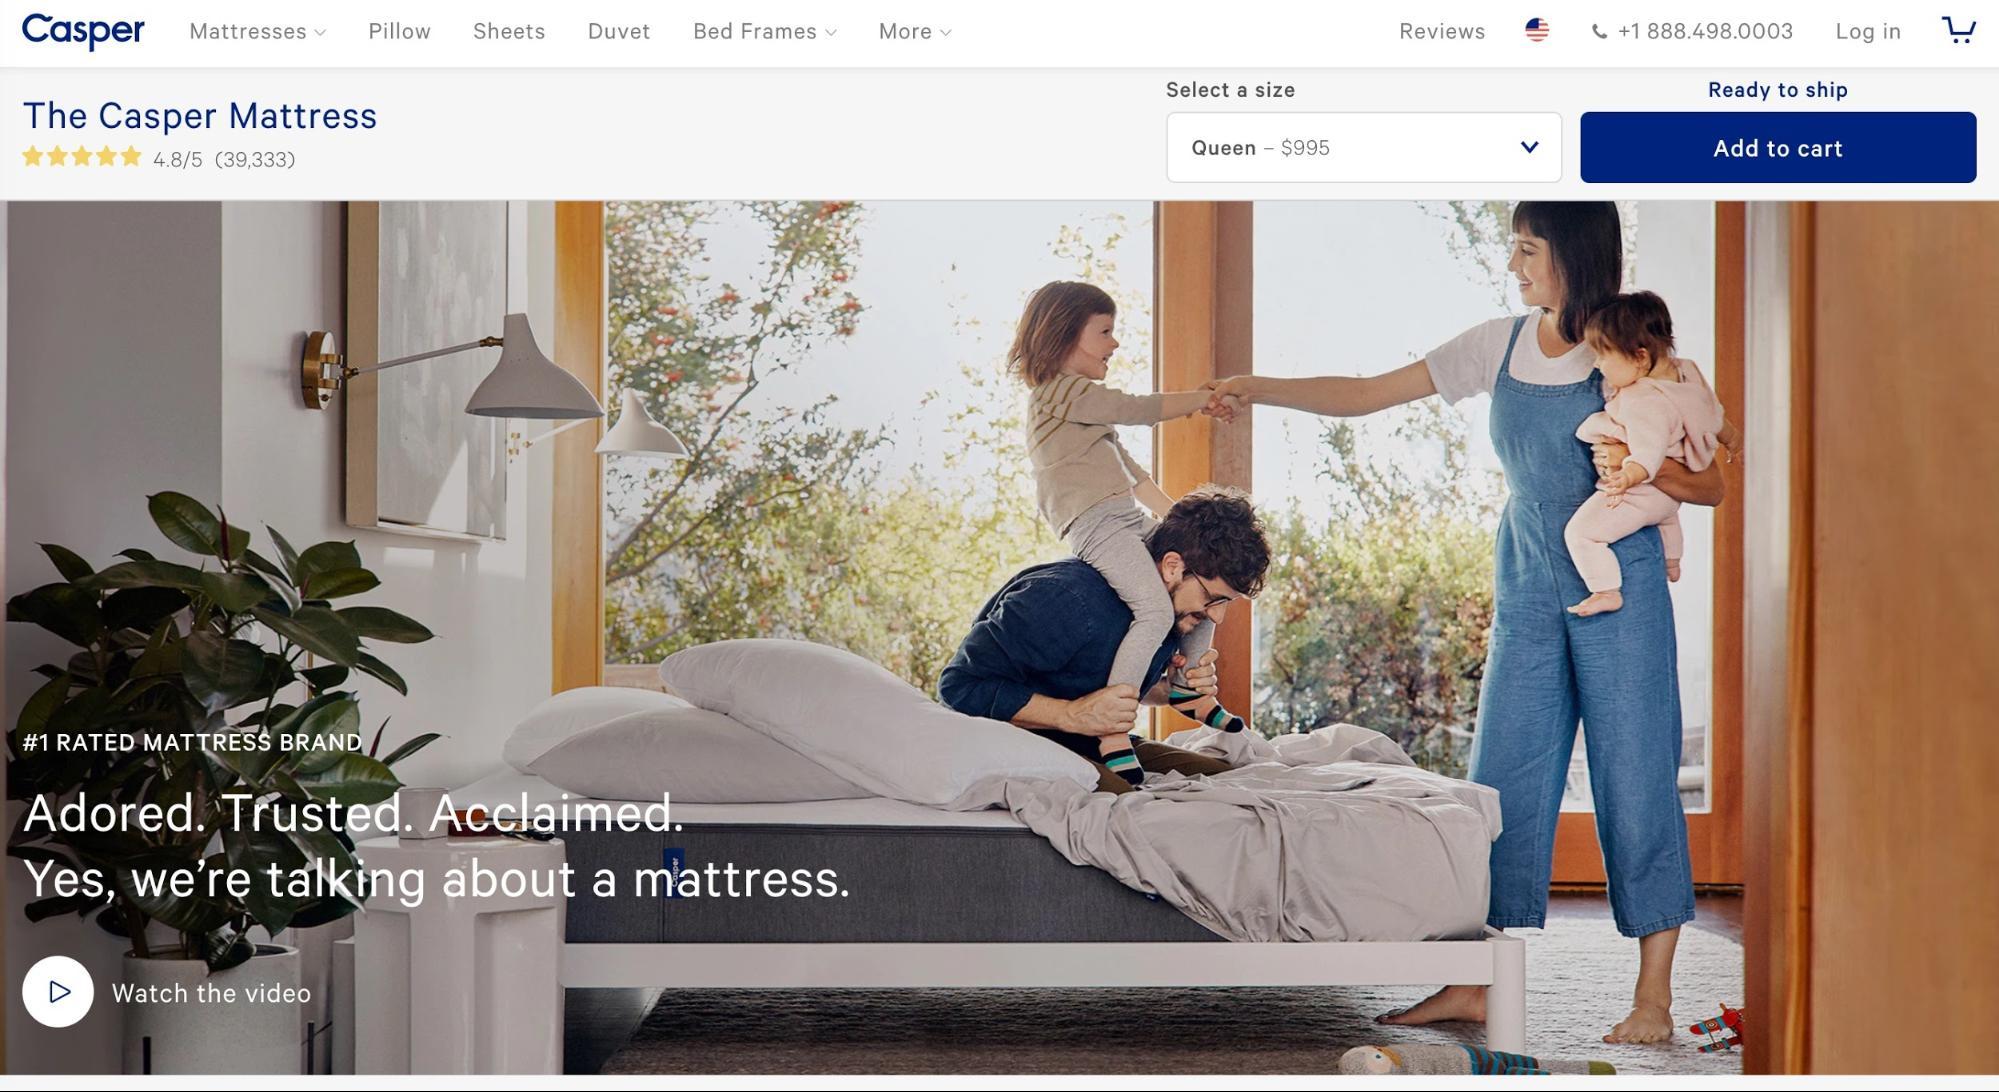 Screenshot showing casper mattress